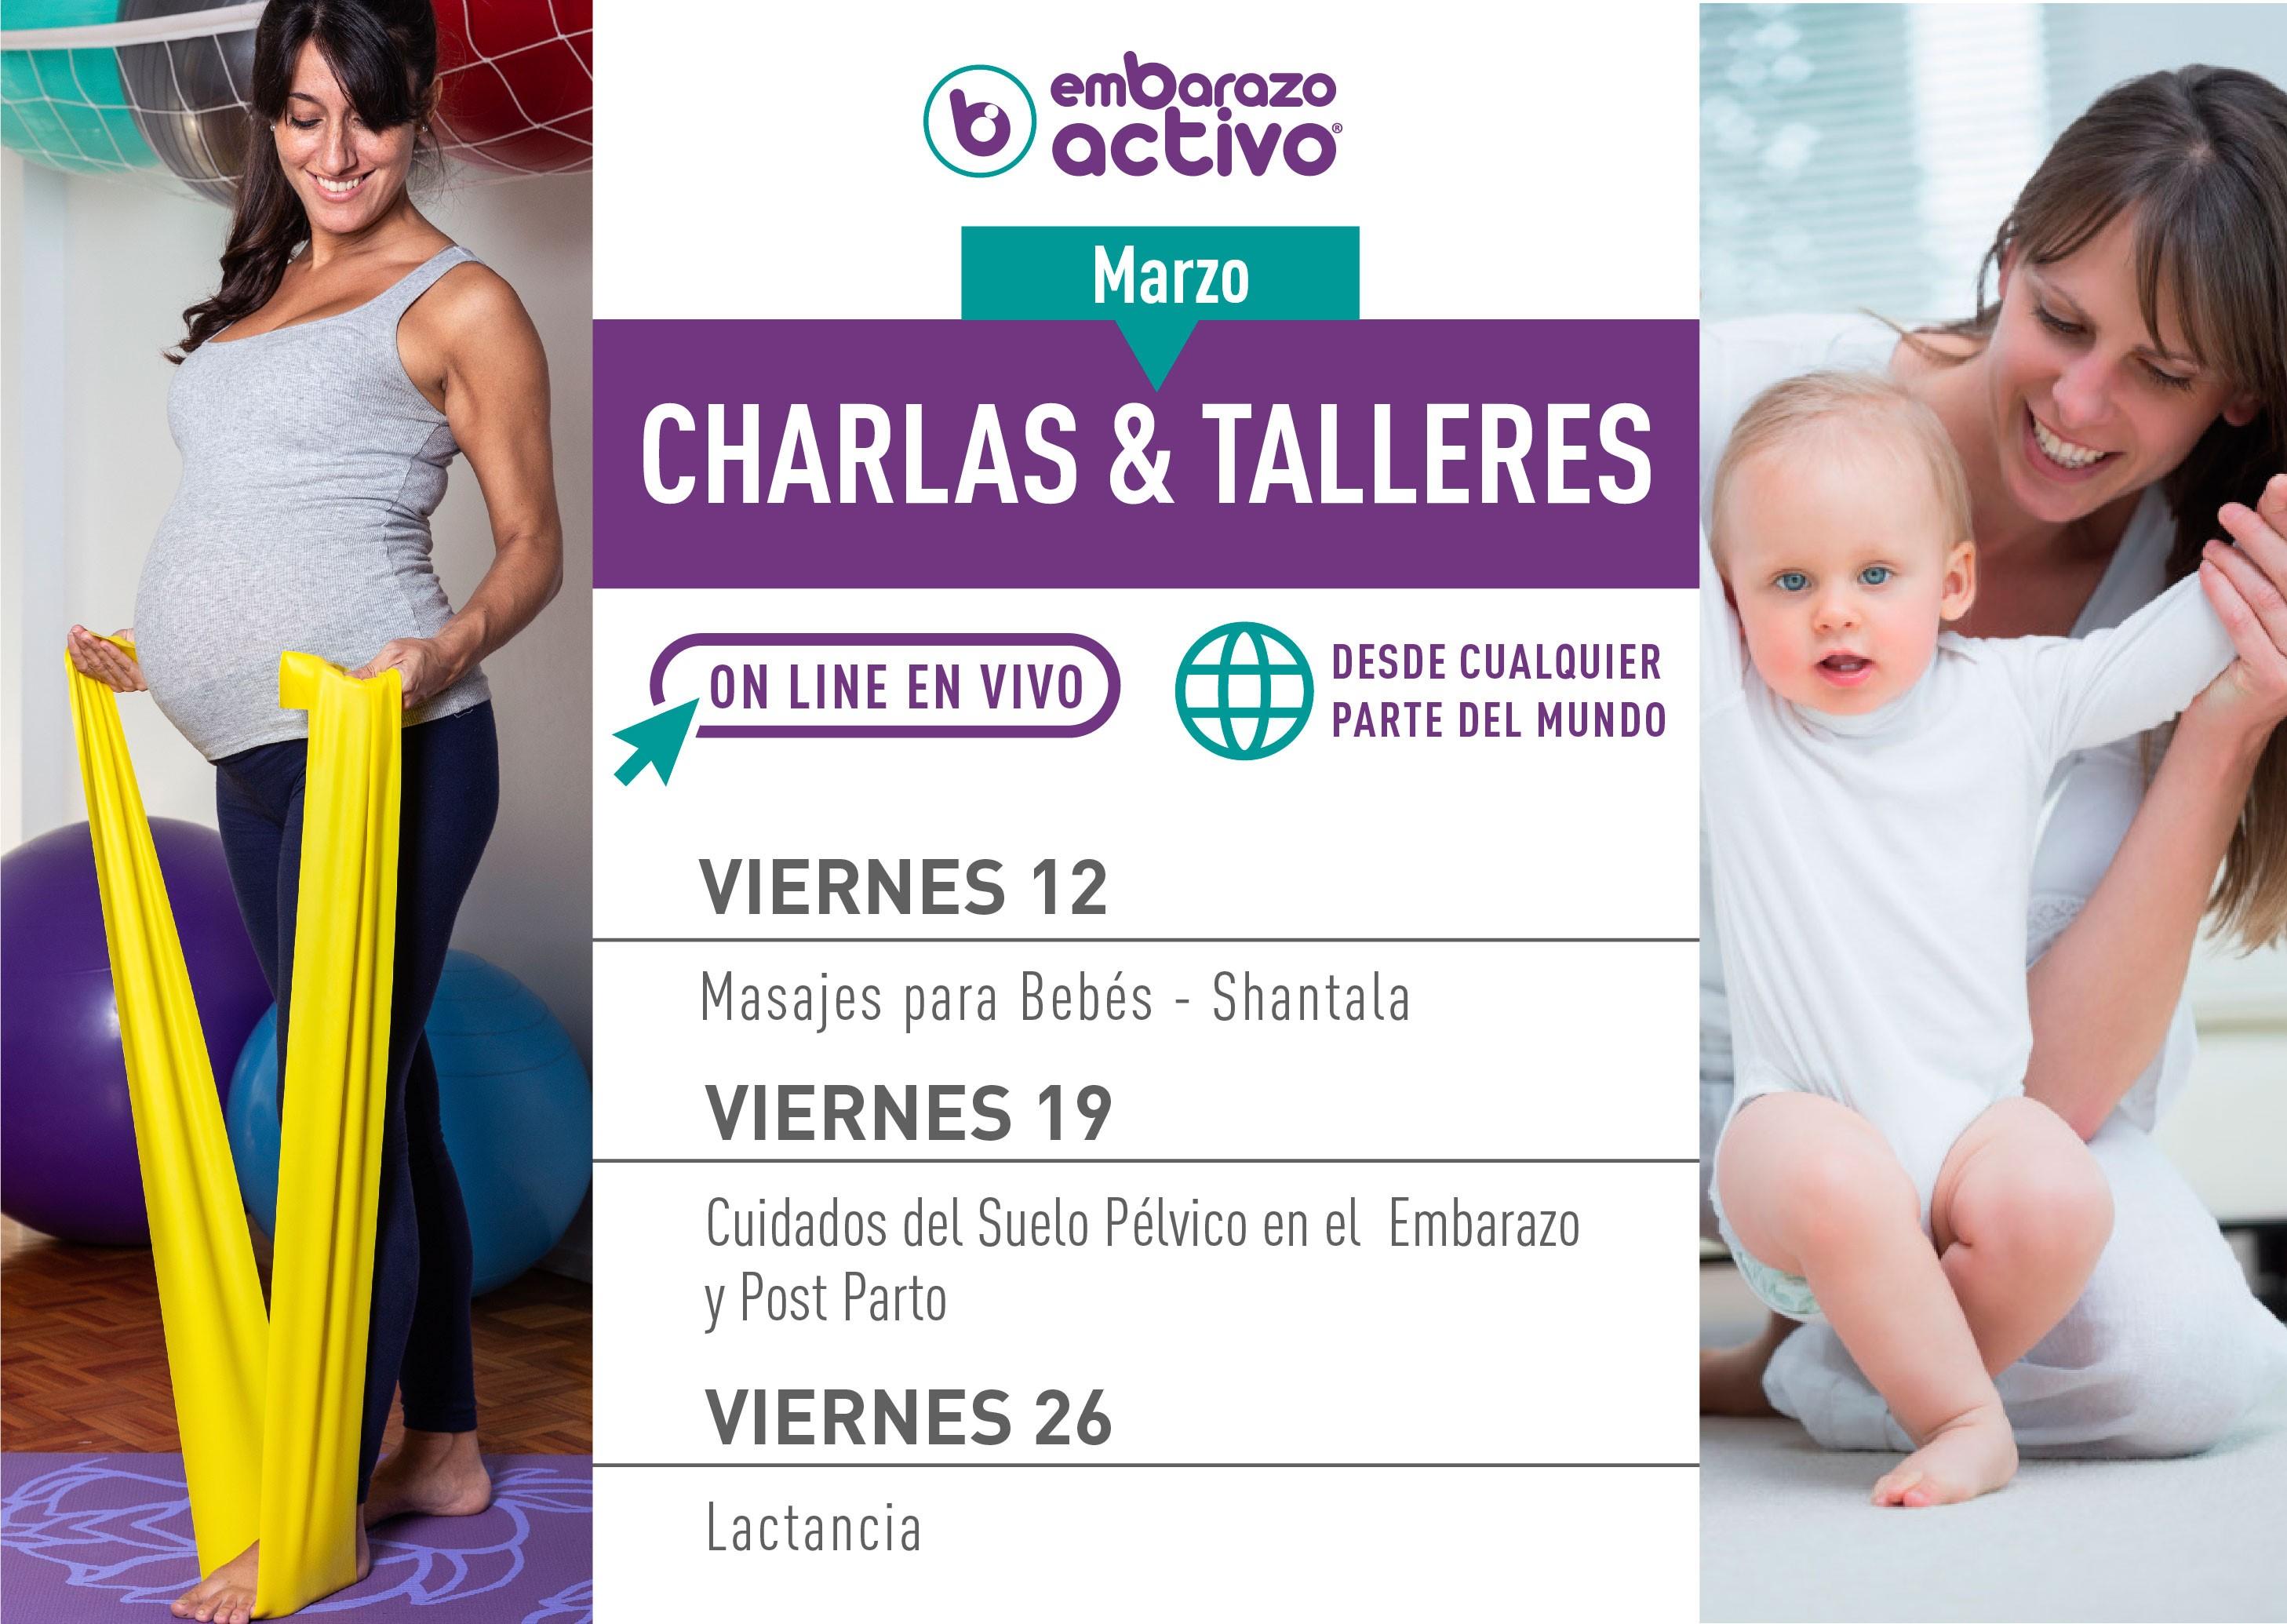 Embarazo Activo organiza varias charlas, directos y formaciones profesionales